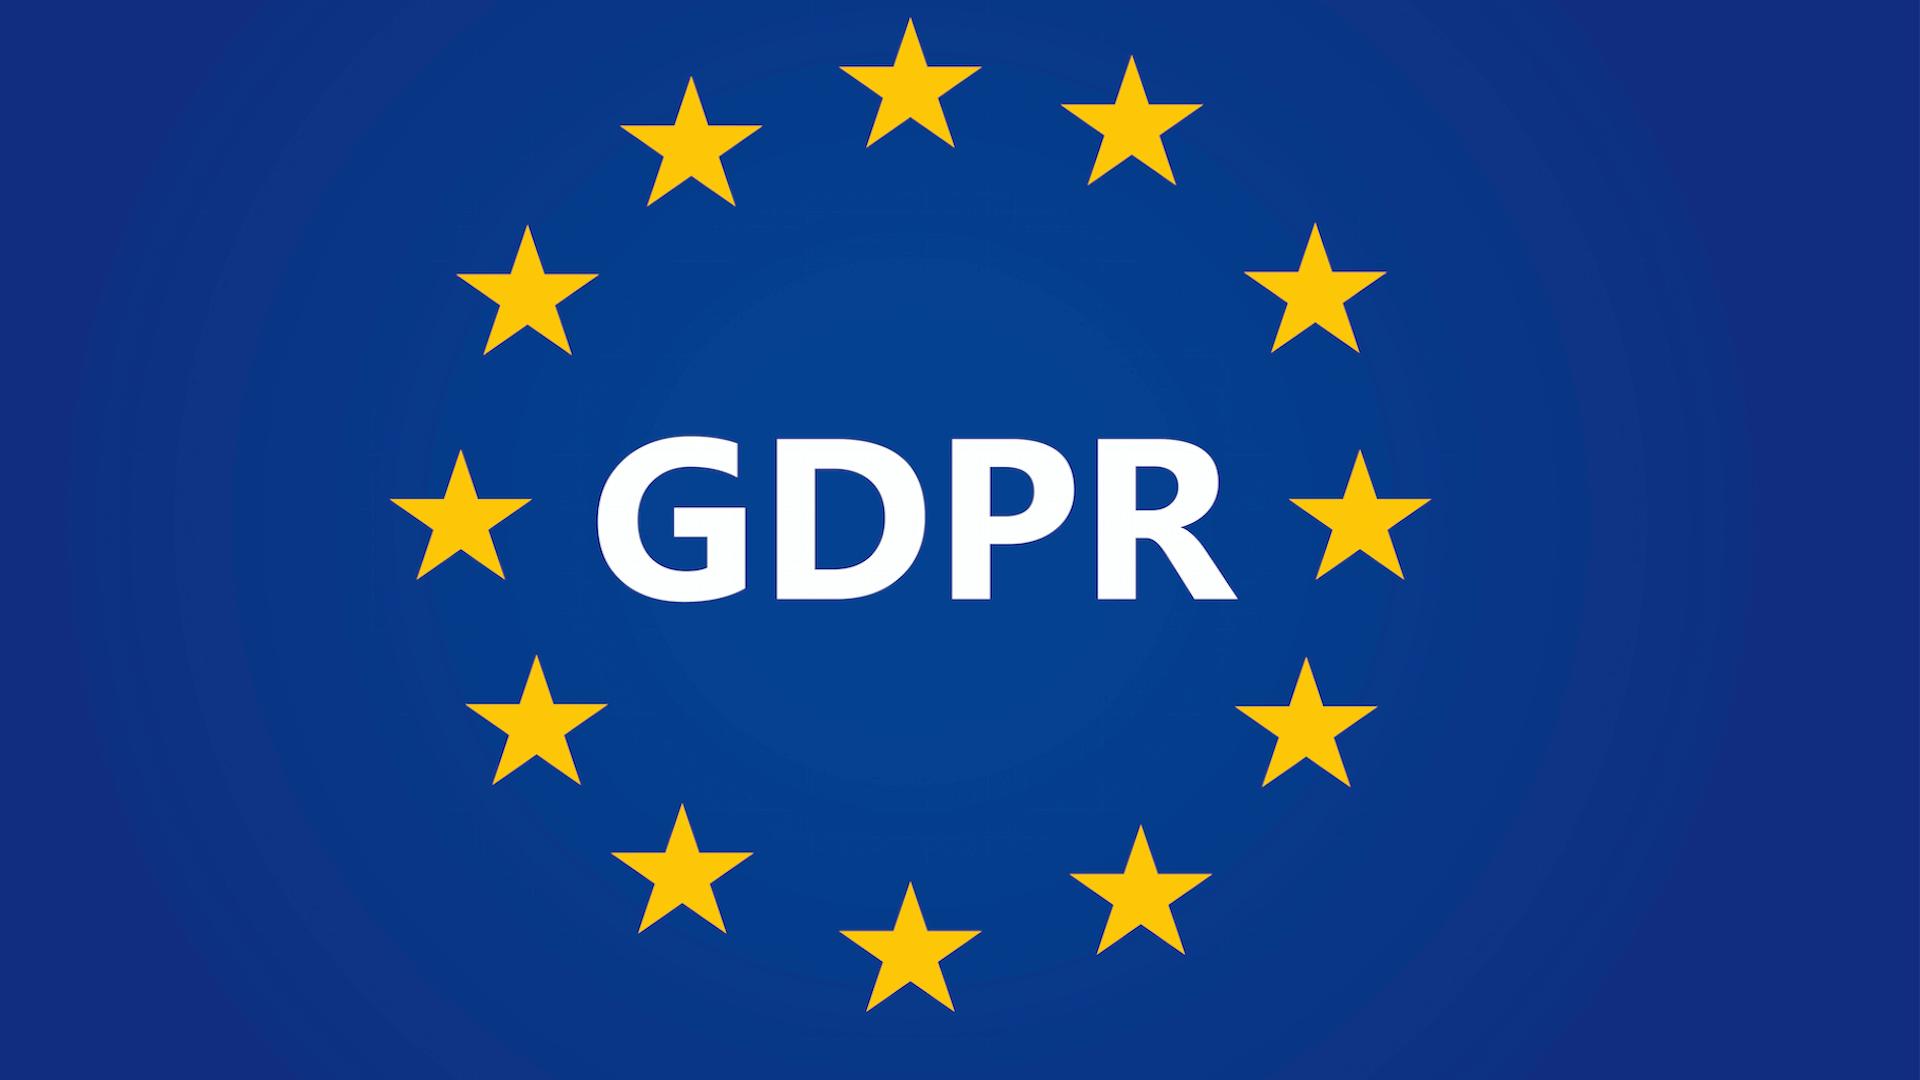 GDPR - come mettere in regola il proprio sito web